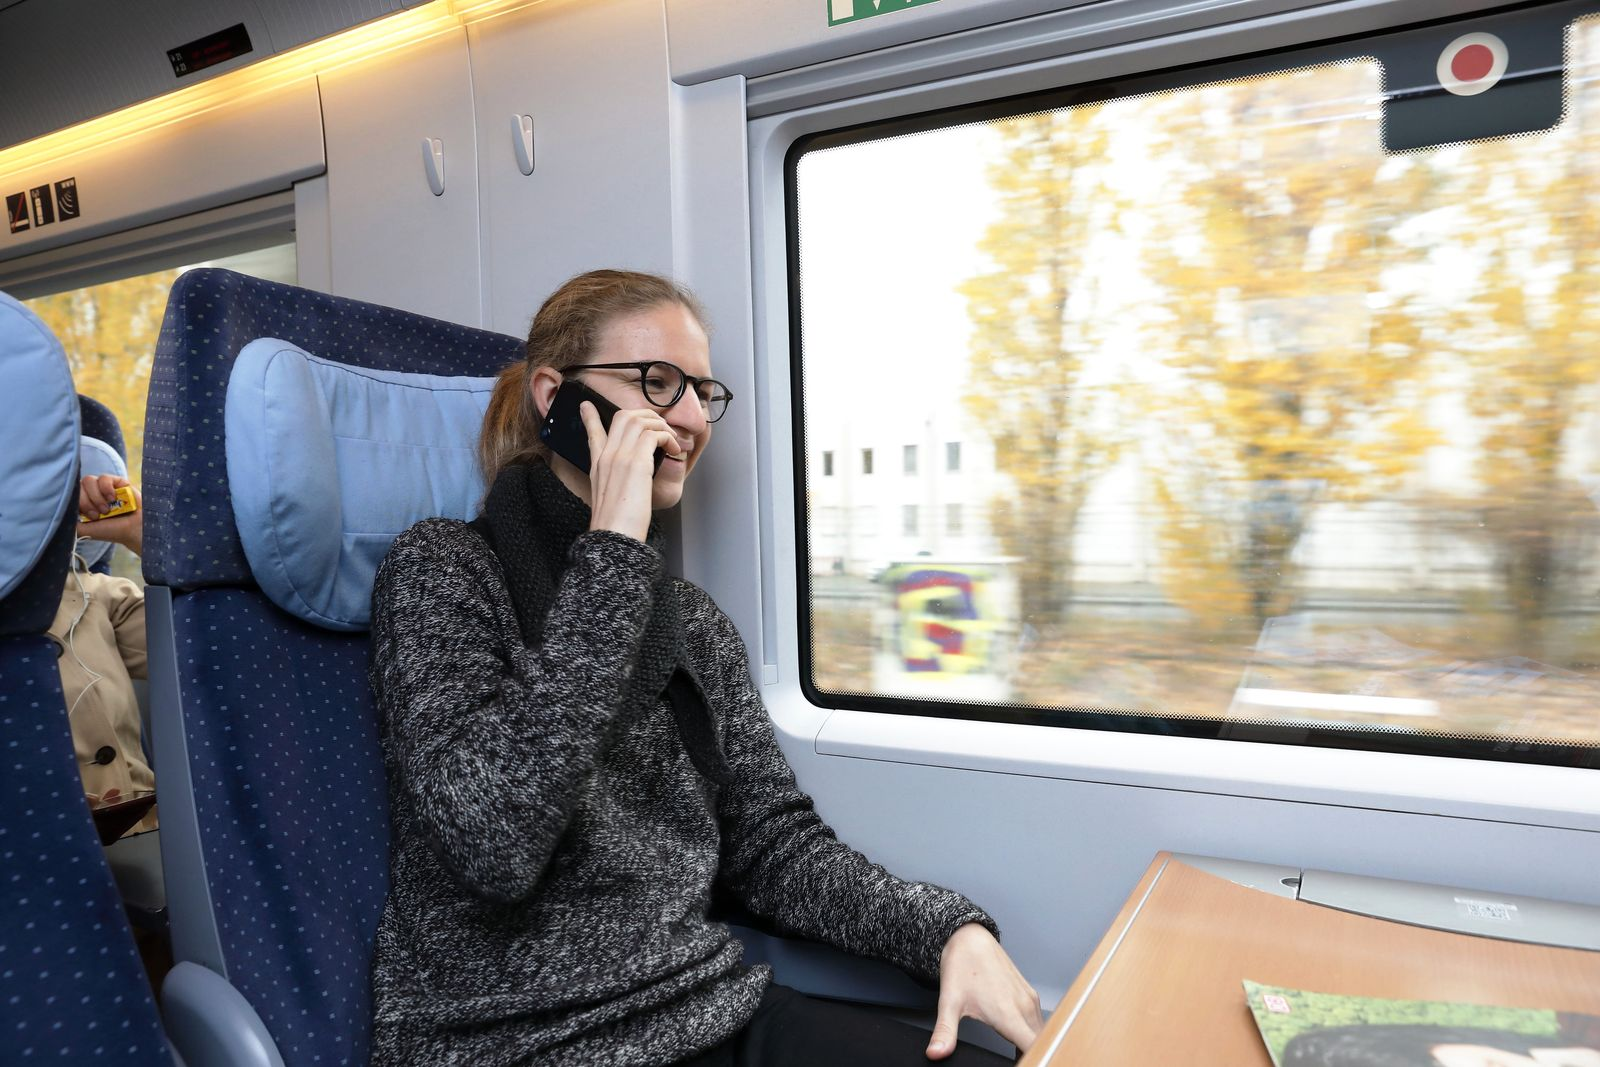 Bahn testet neue Fenster f¸r Handyempfang